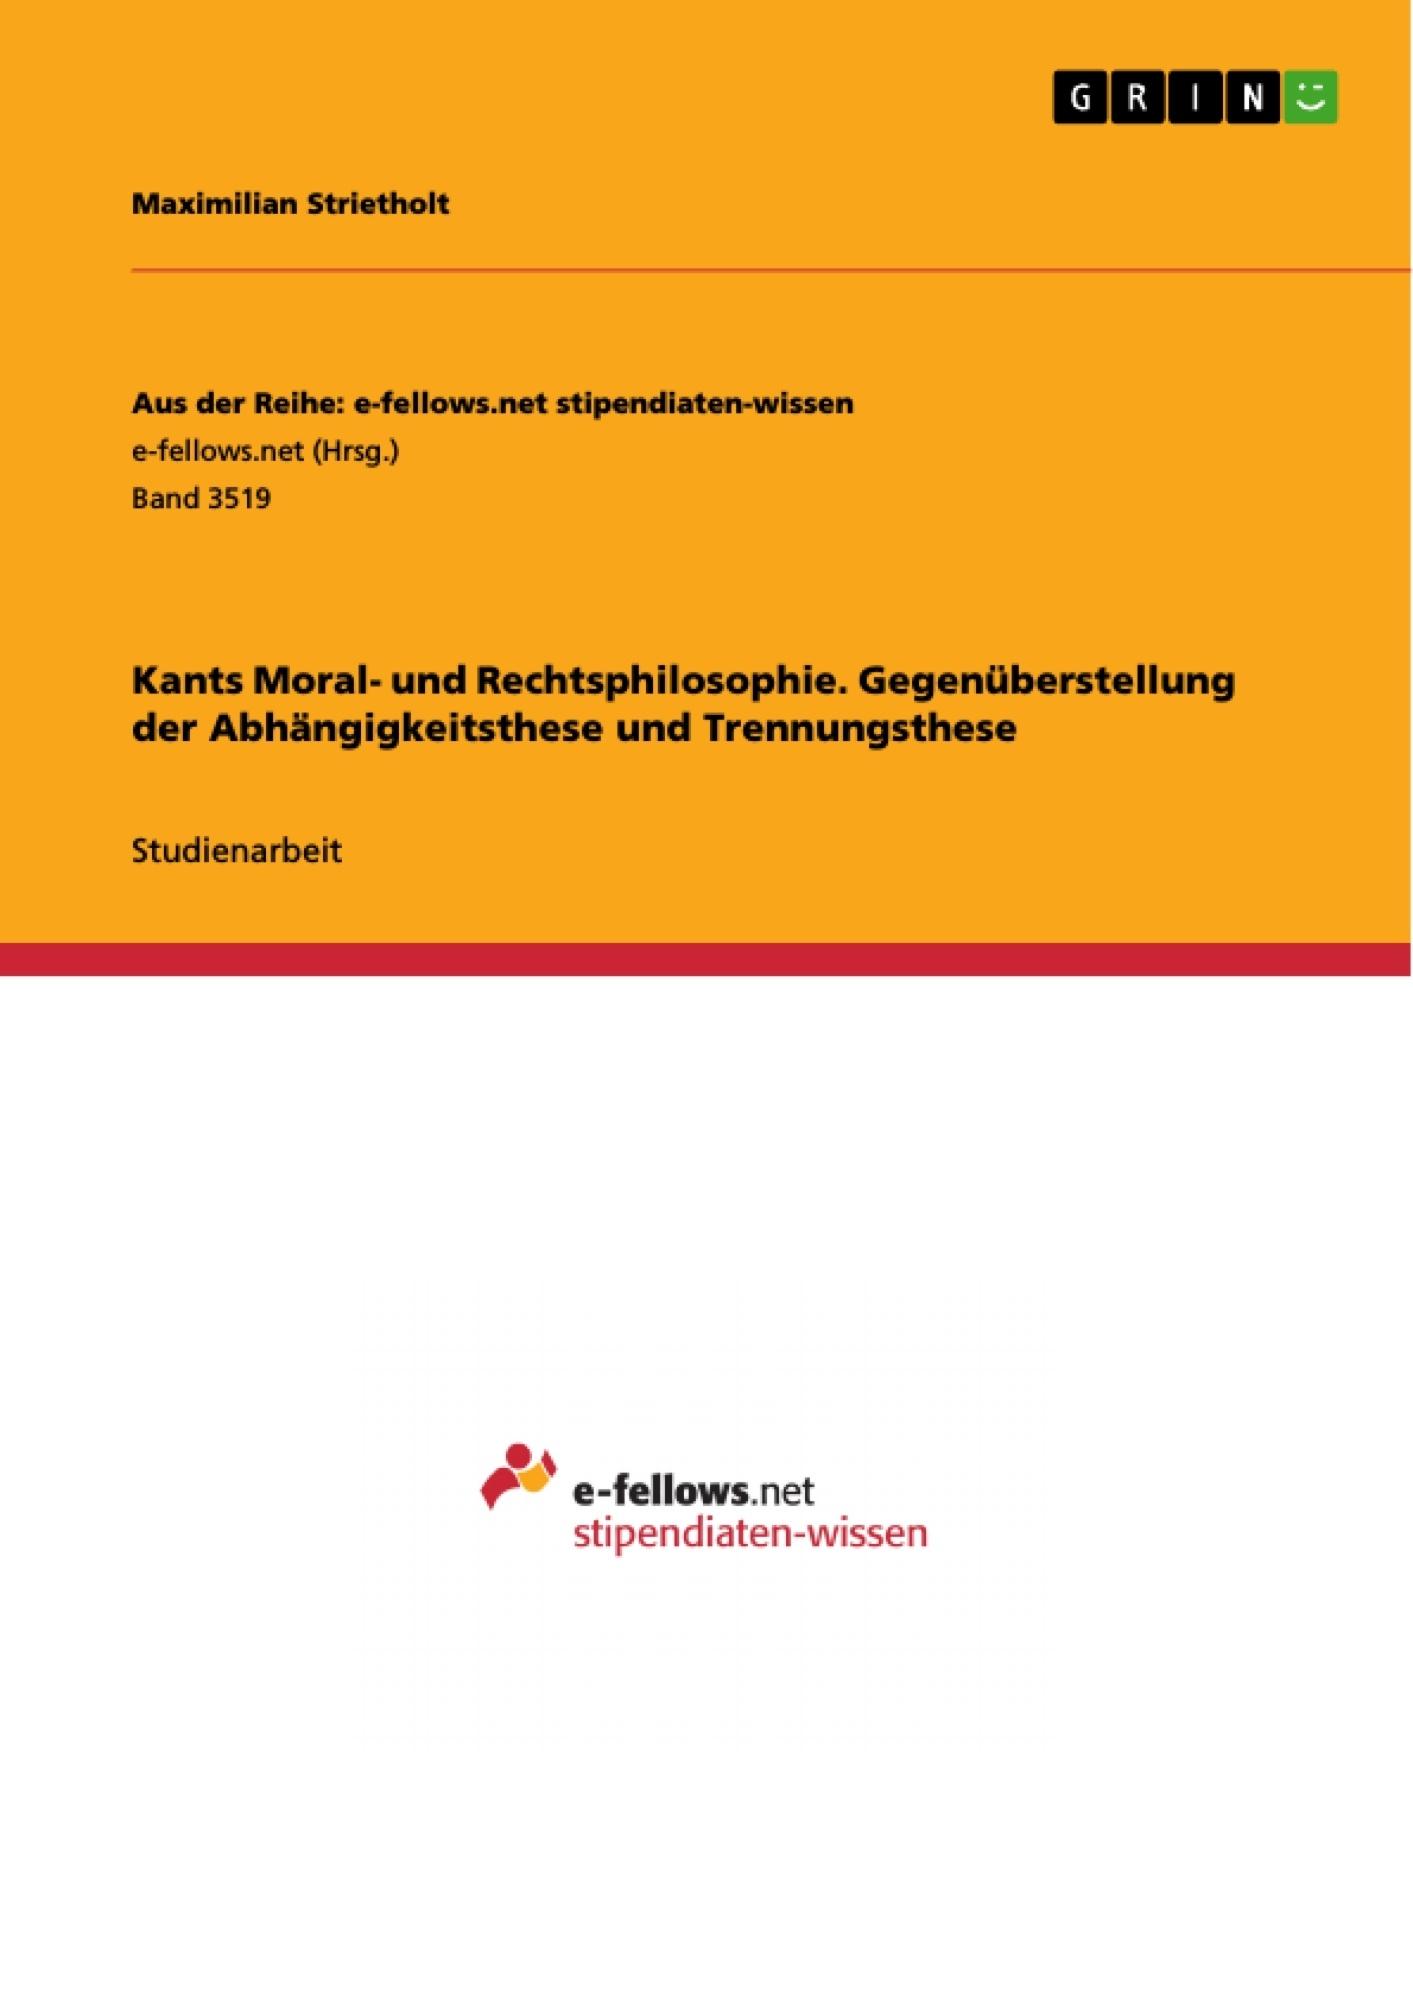 Titel: Kants Moral- und Rechtsphilosophie. Gegenüberstellung der Abhängigkeitsthese und Trennungsthese